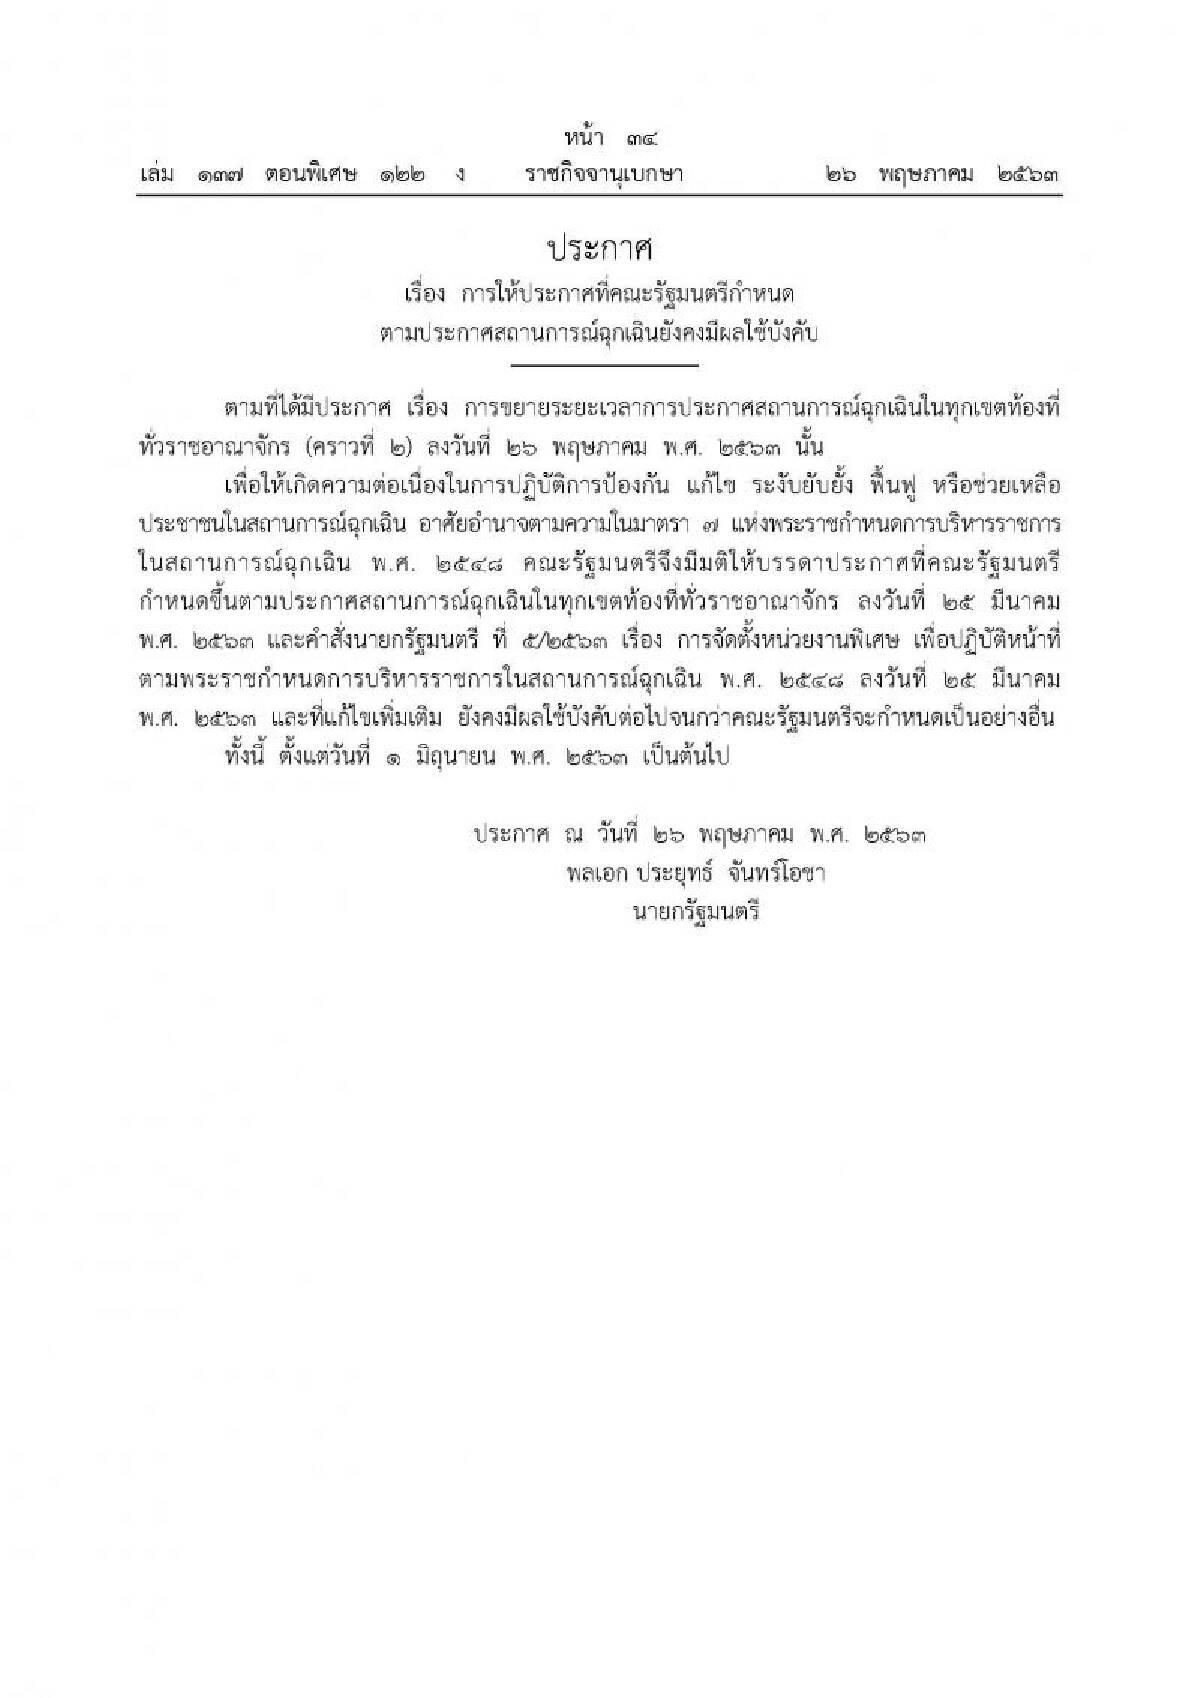 ประกาศ เรื่อง การให้ประกาศที่คณะรัฐมนตรีกำหนด ตามประกาศสถานการณ์ฉุกเฉินยังคงมีผลใช้บังคับ